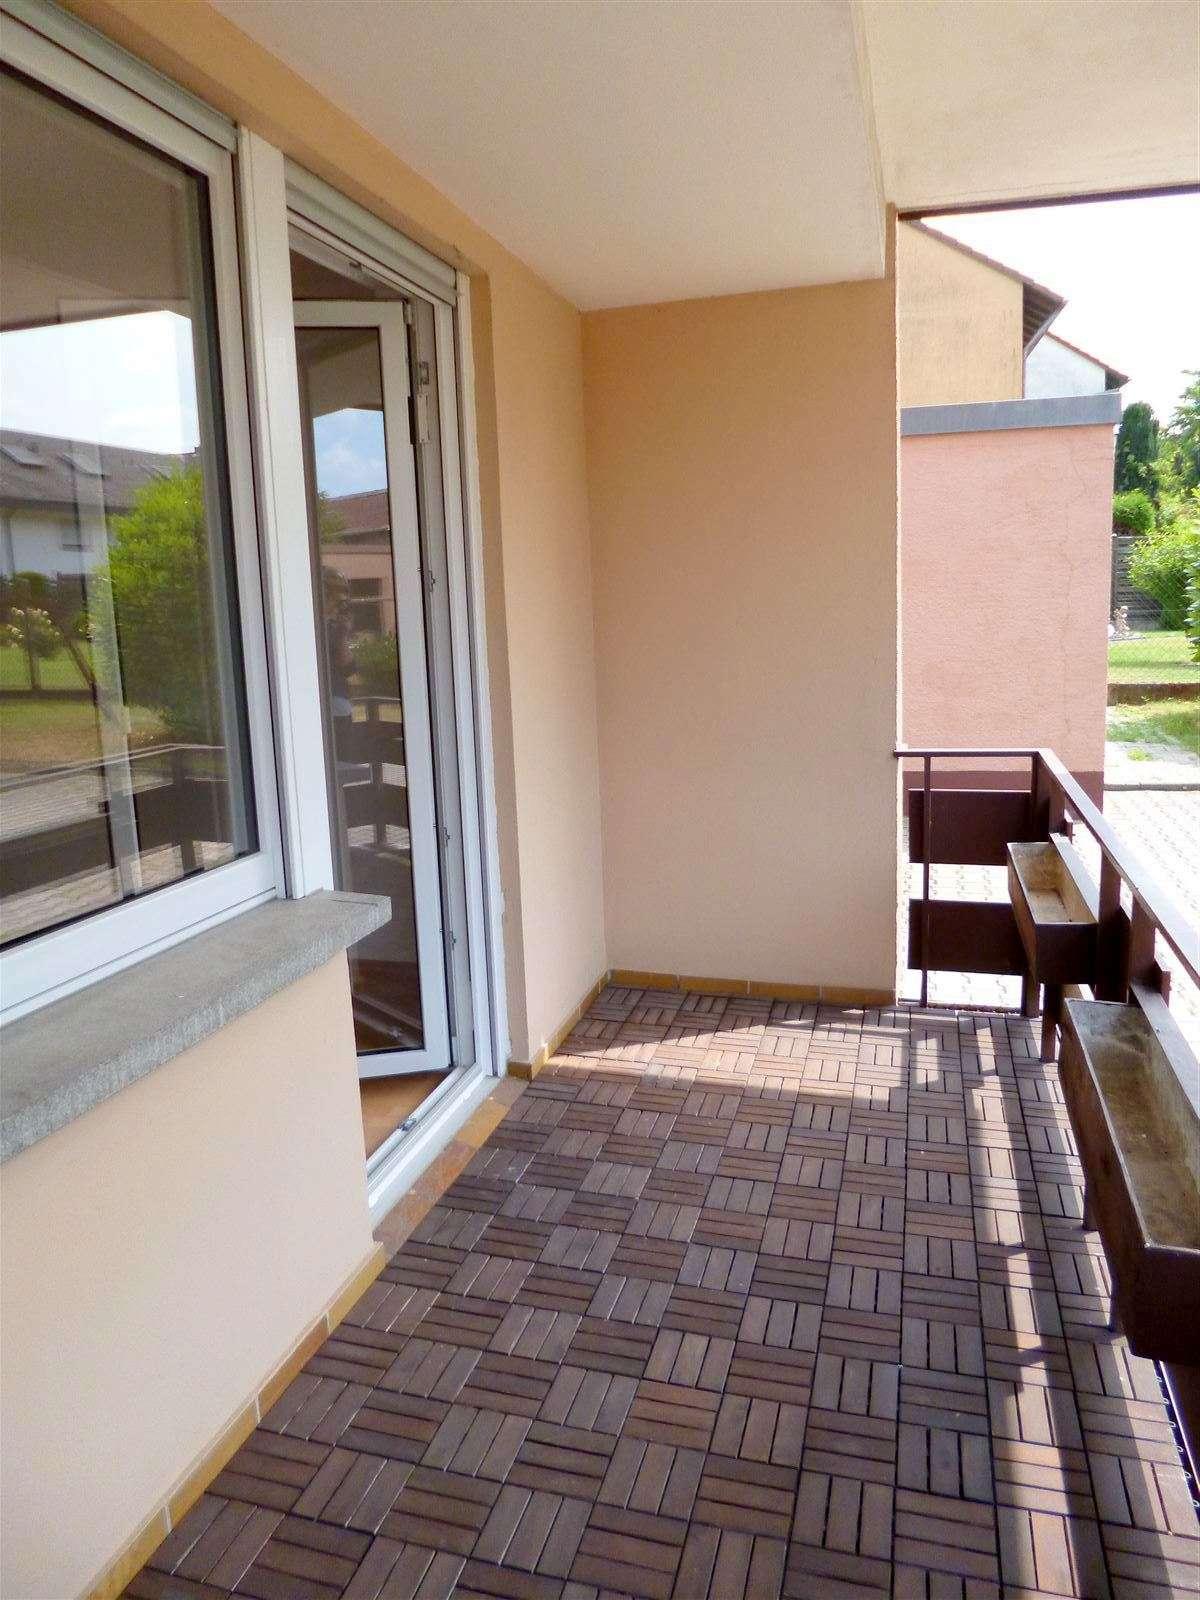 Schöne, helle Wohnung mit EBK und großem Balkon